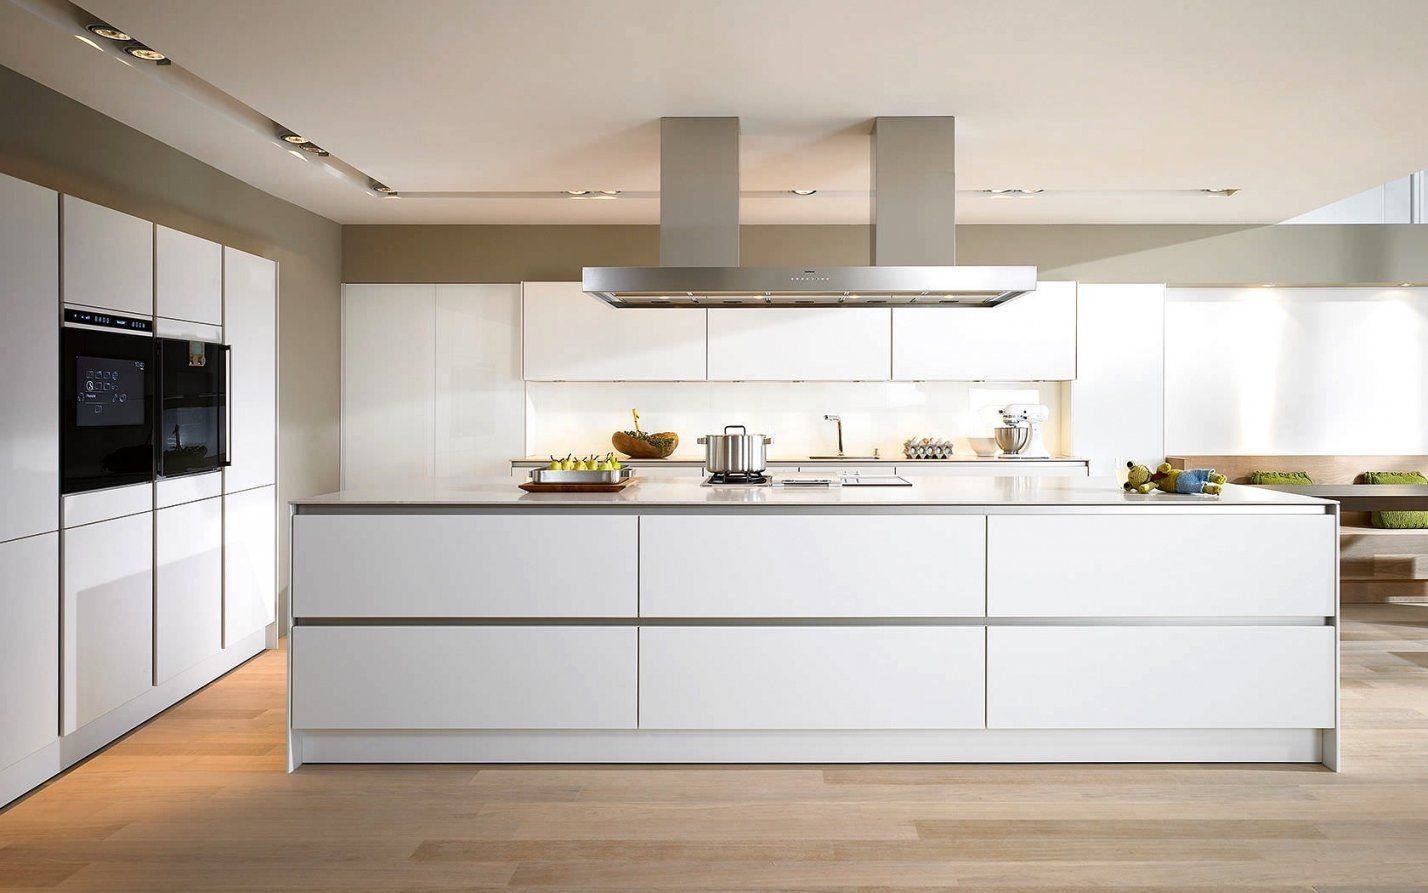 Incredible Design Ideas Luxus Küche Mit Kochinsel  Home Design Ideas von Luxus Küche Mit Kochinsel Bild